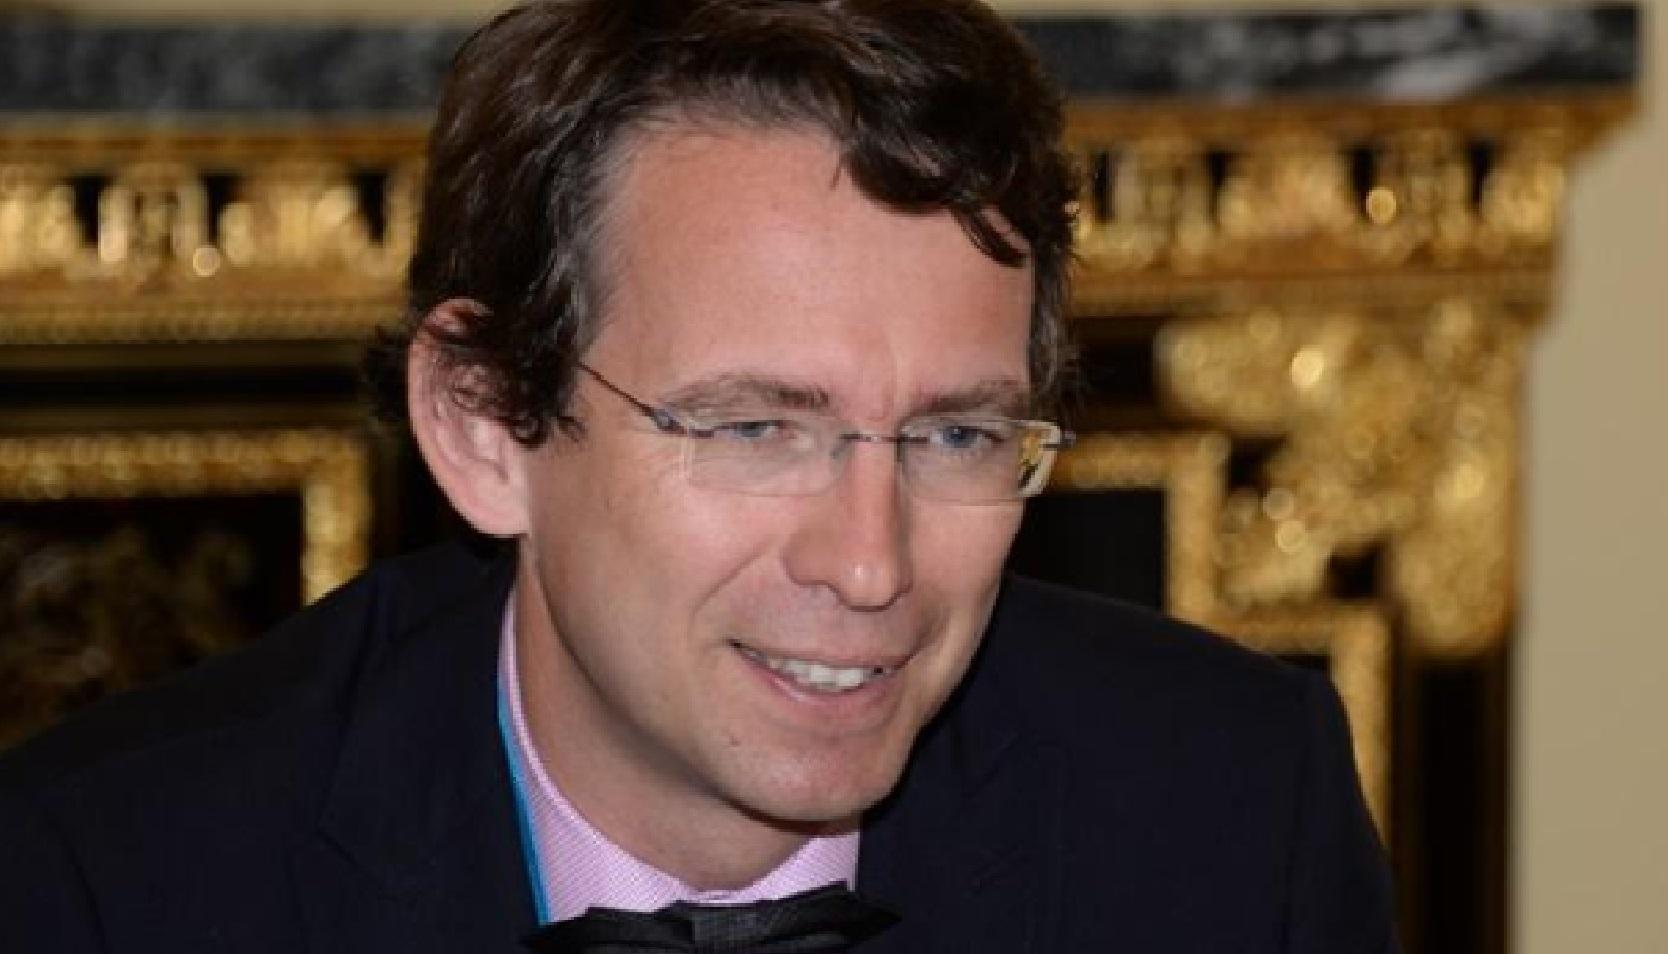 Velvyslanec ve Francii Petr Drulák (MZV.ČR)